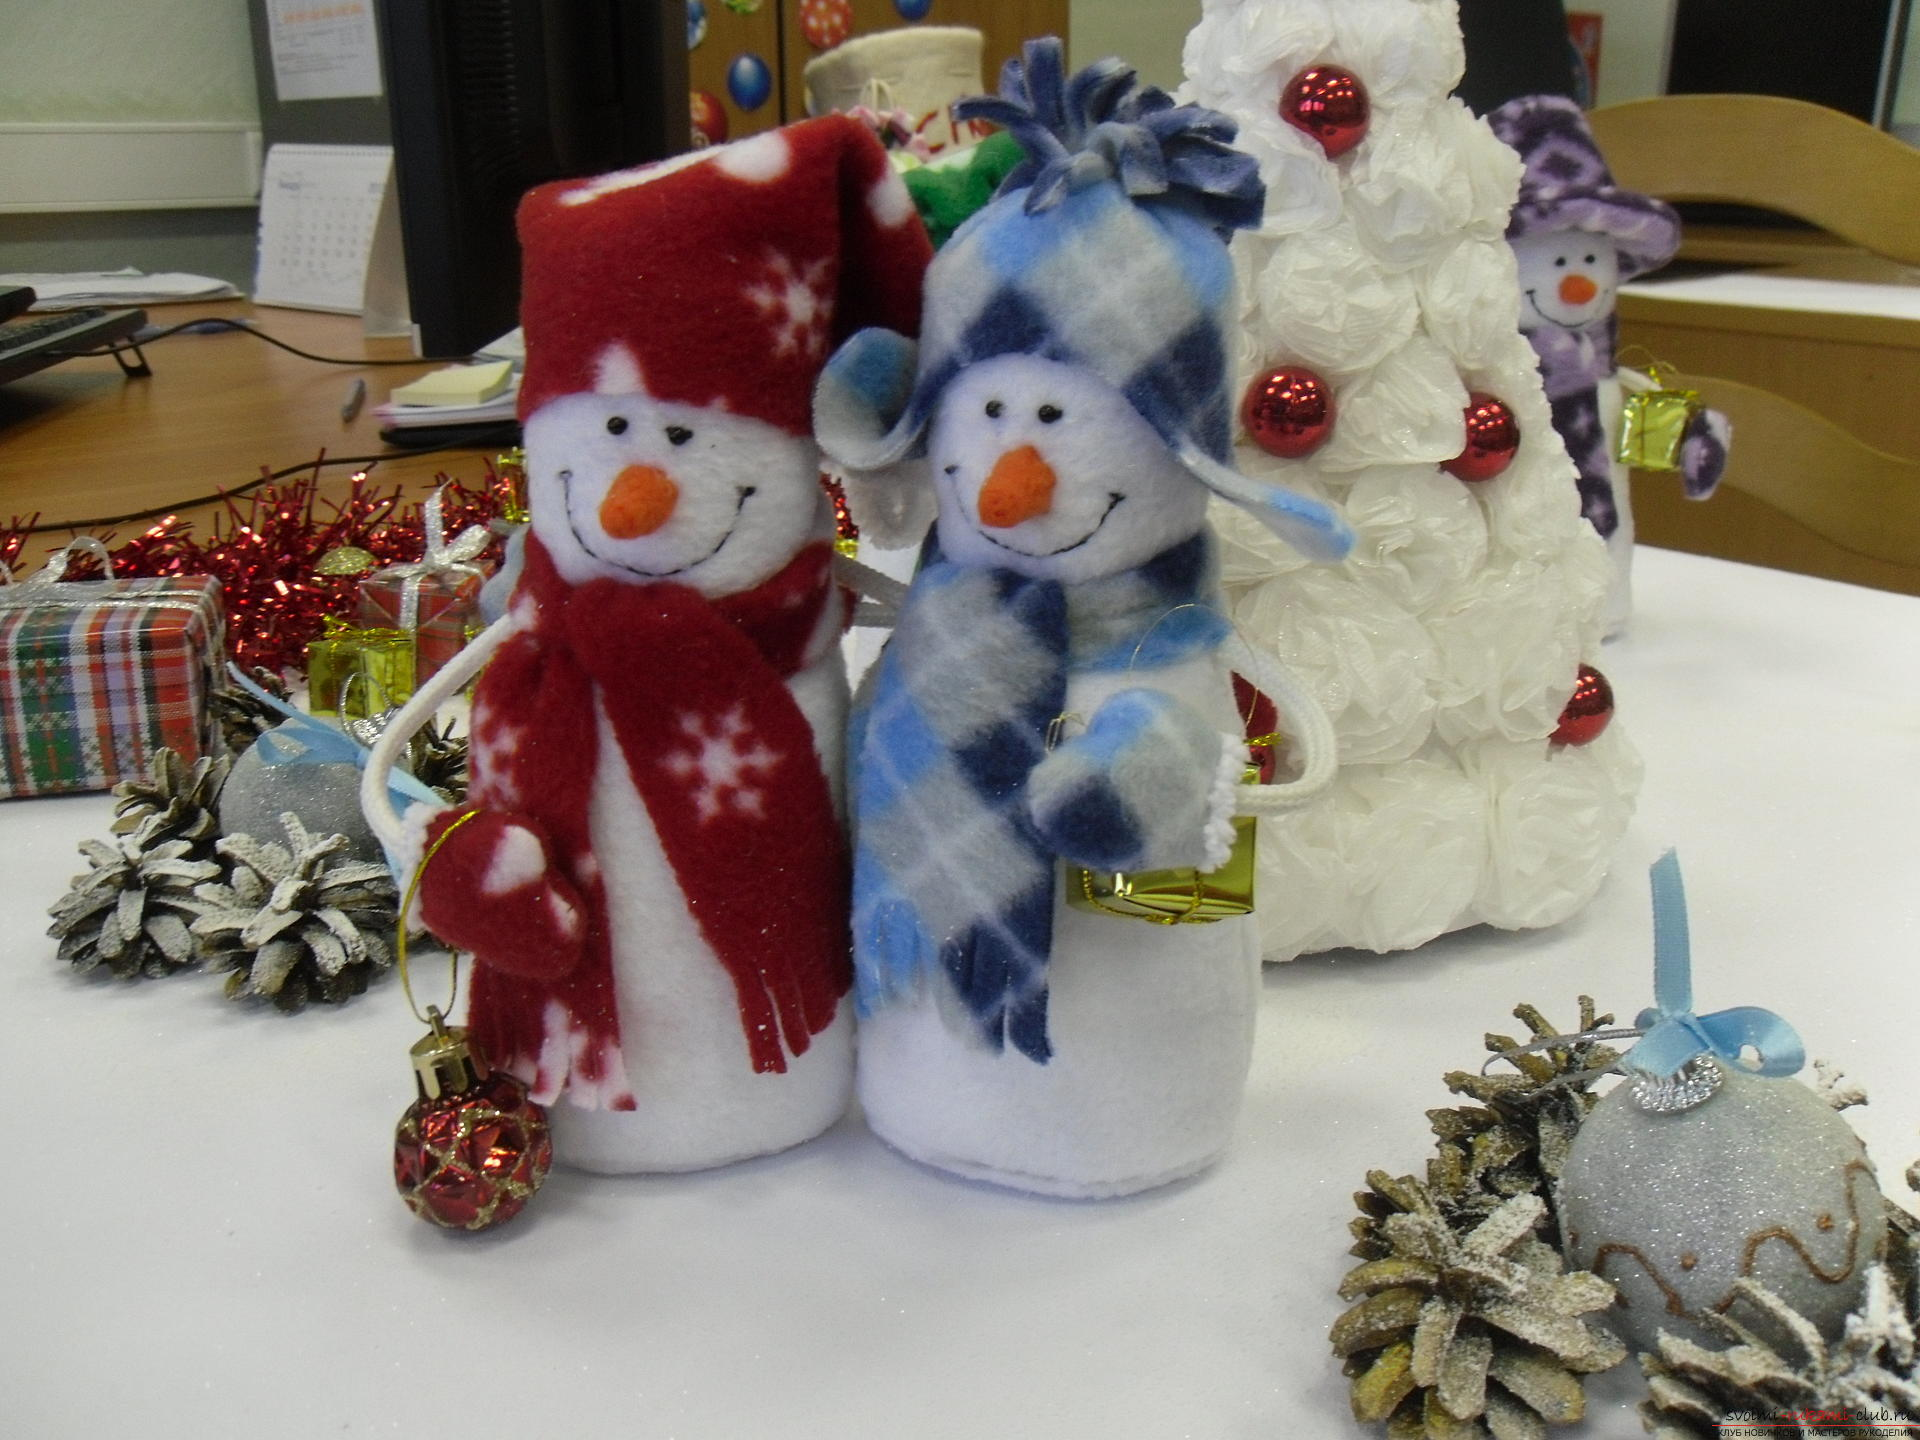 Снеговики из фетра помогут создать новогоднюю обстановку в каждом доме. Поделка на Новый год может быть не купленной в магазине, украшение к новогоднему столу можно сделать своими руками.. Фото №4